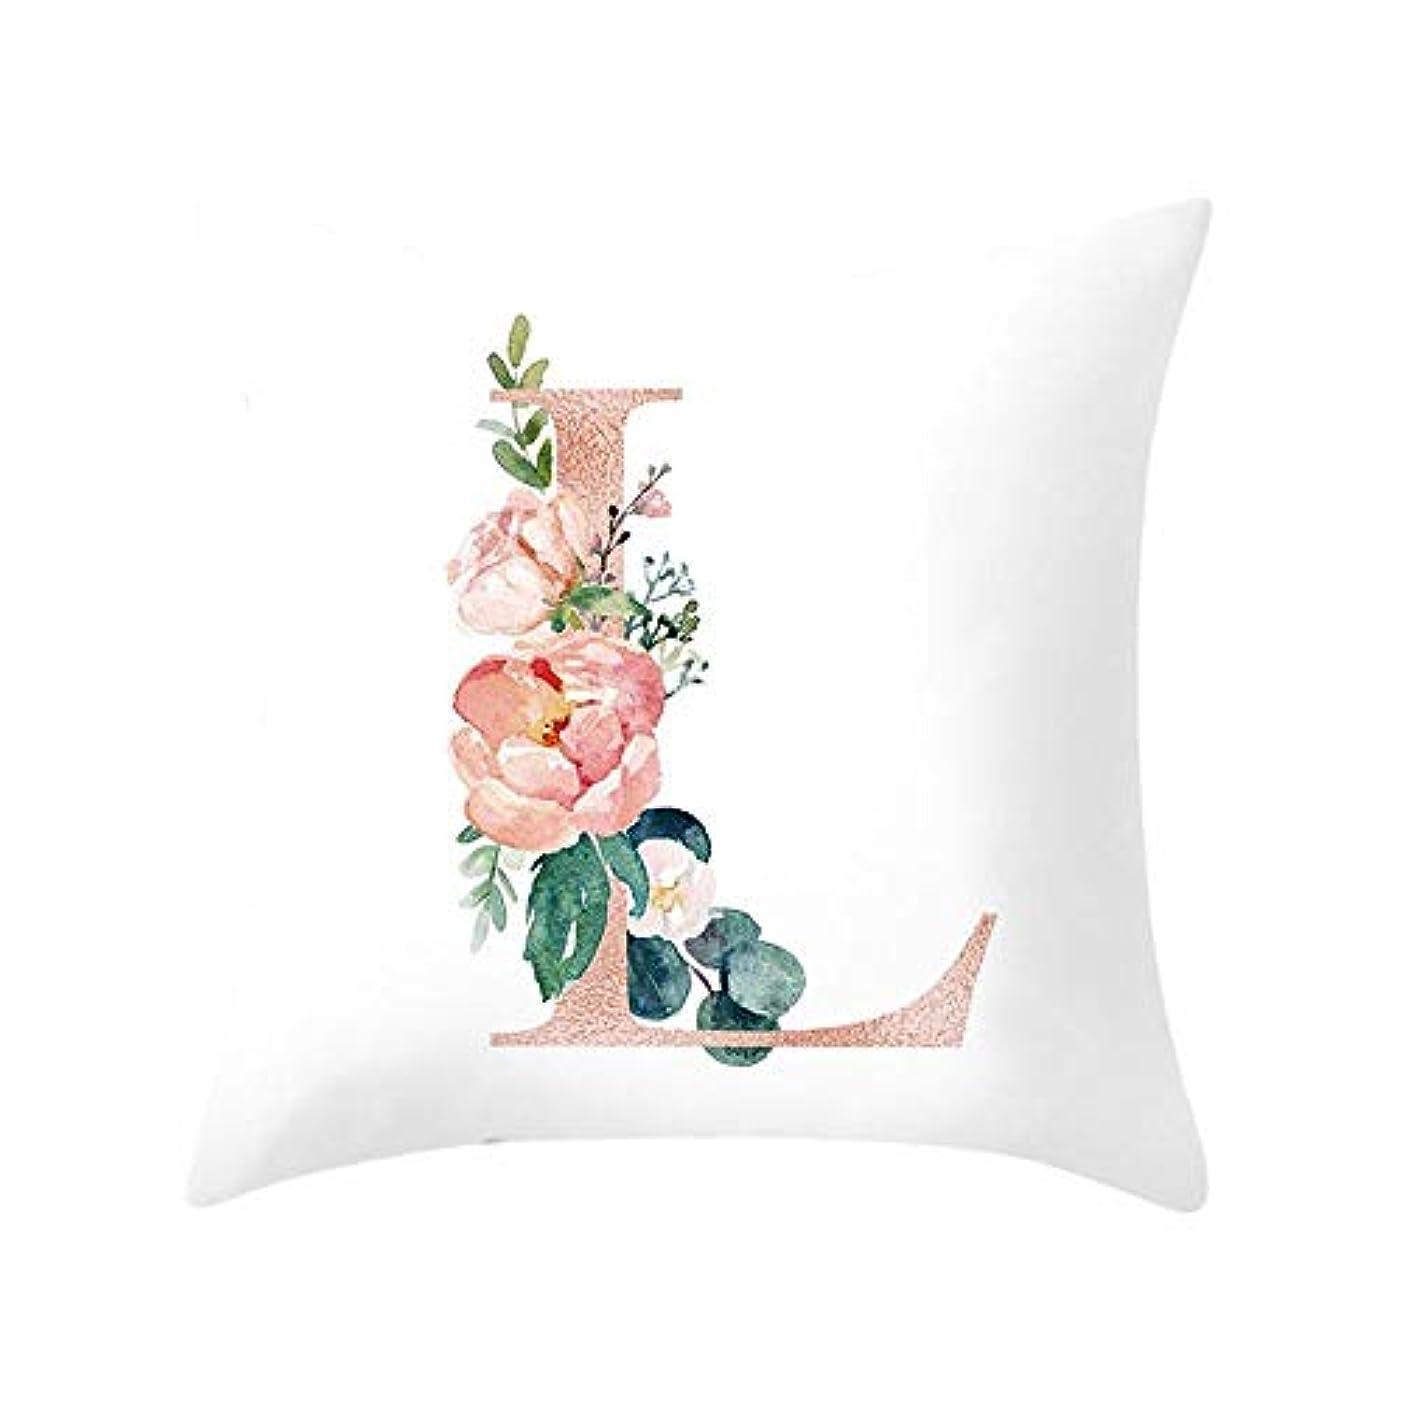 半ば争いユニークなLIFE 装飾クッションソファ手紙枕アルファベットクッション印刷ソファ家の装飾の花枕 coussin decoratif クッション 椅子